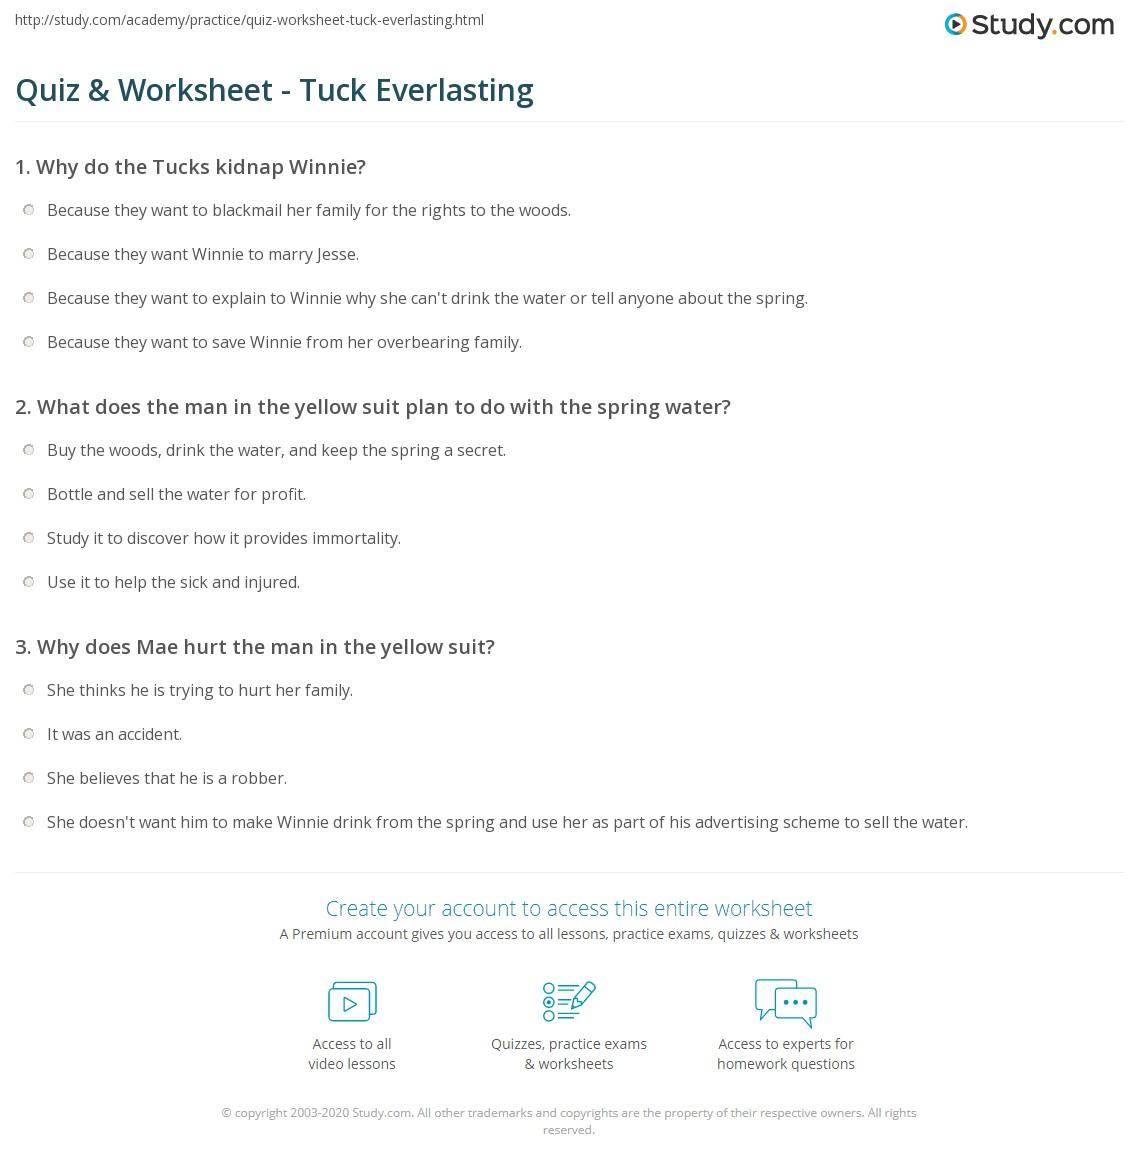 Worksheets Tuck Everlasting Worksheets quiz worksheet tuck everlasting study com print summary characters author worksheet